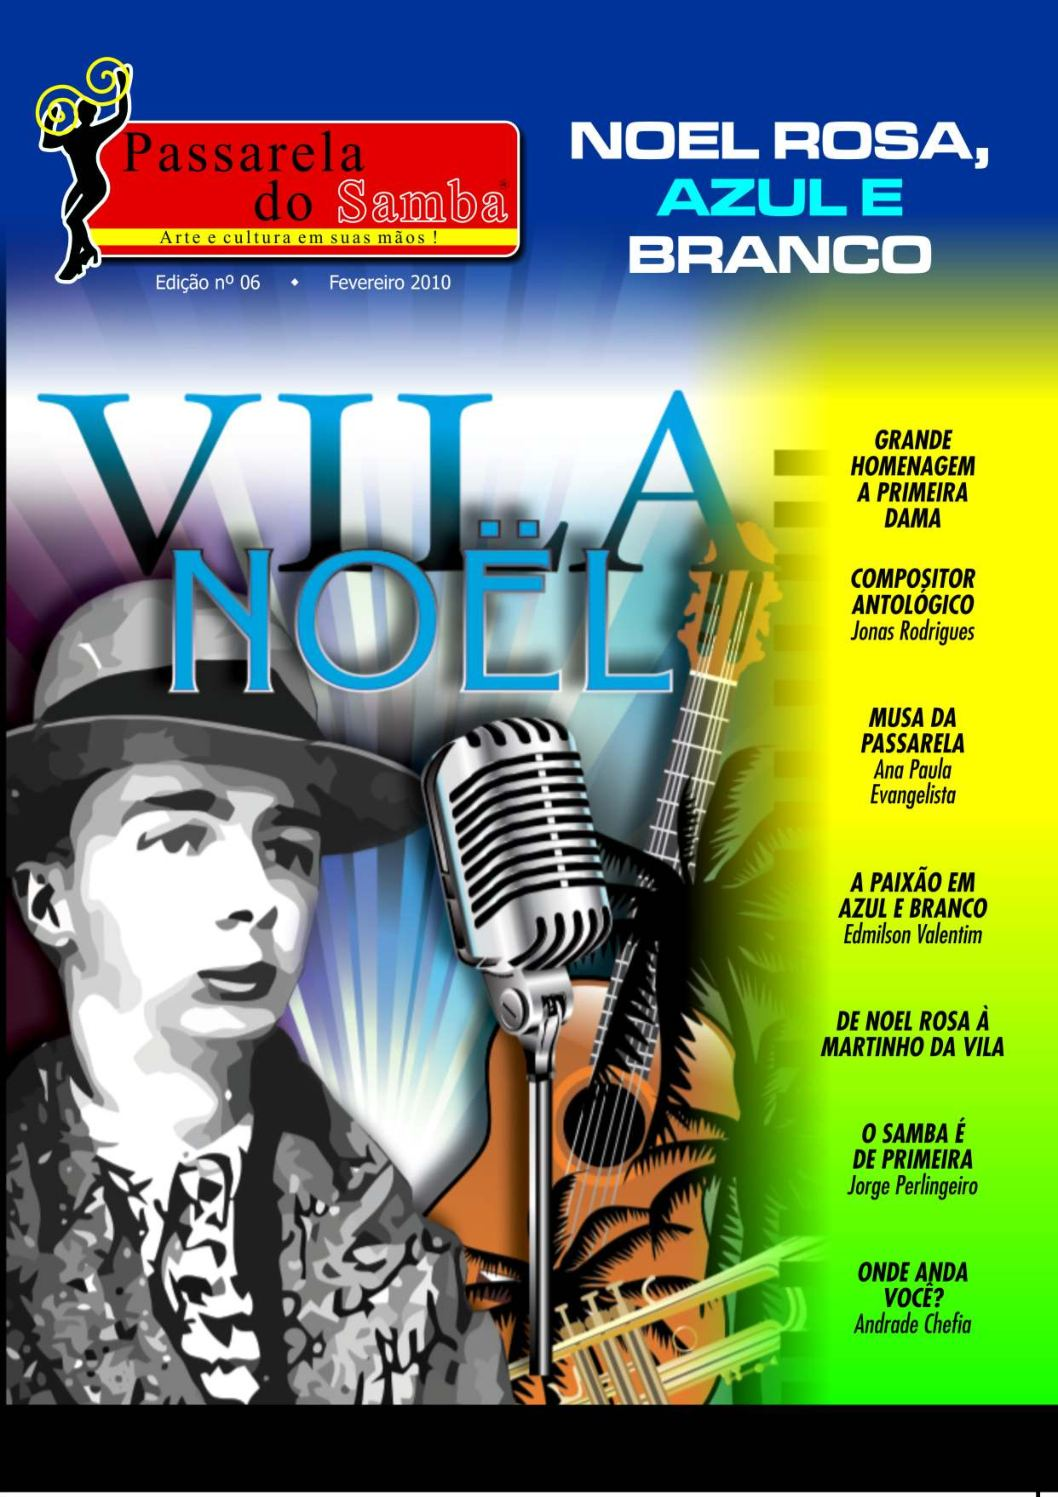 Passarela do Samba - edição 6